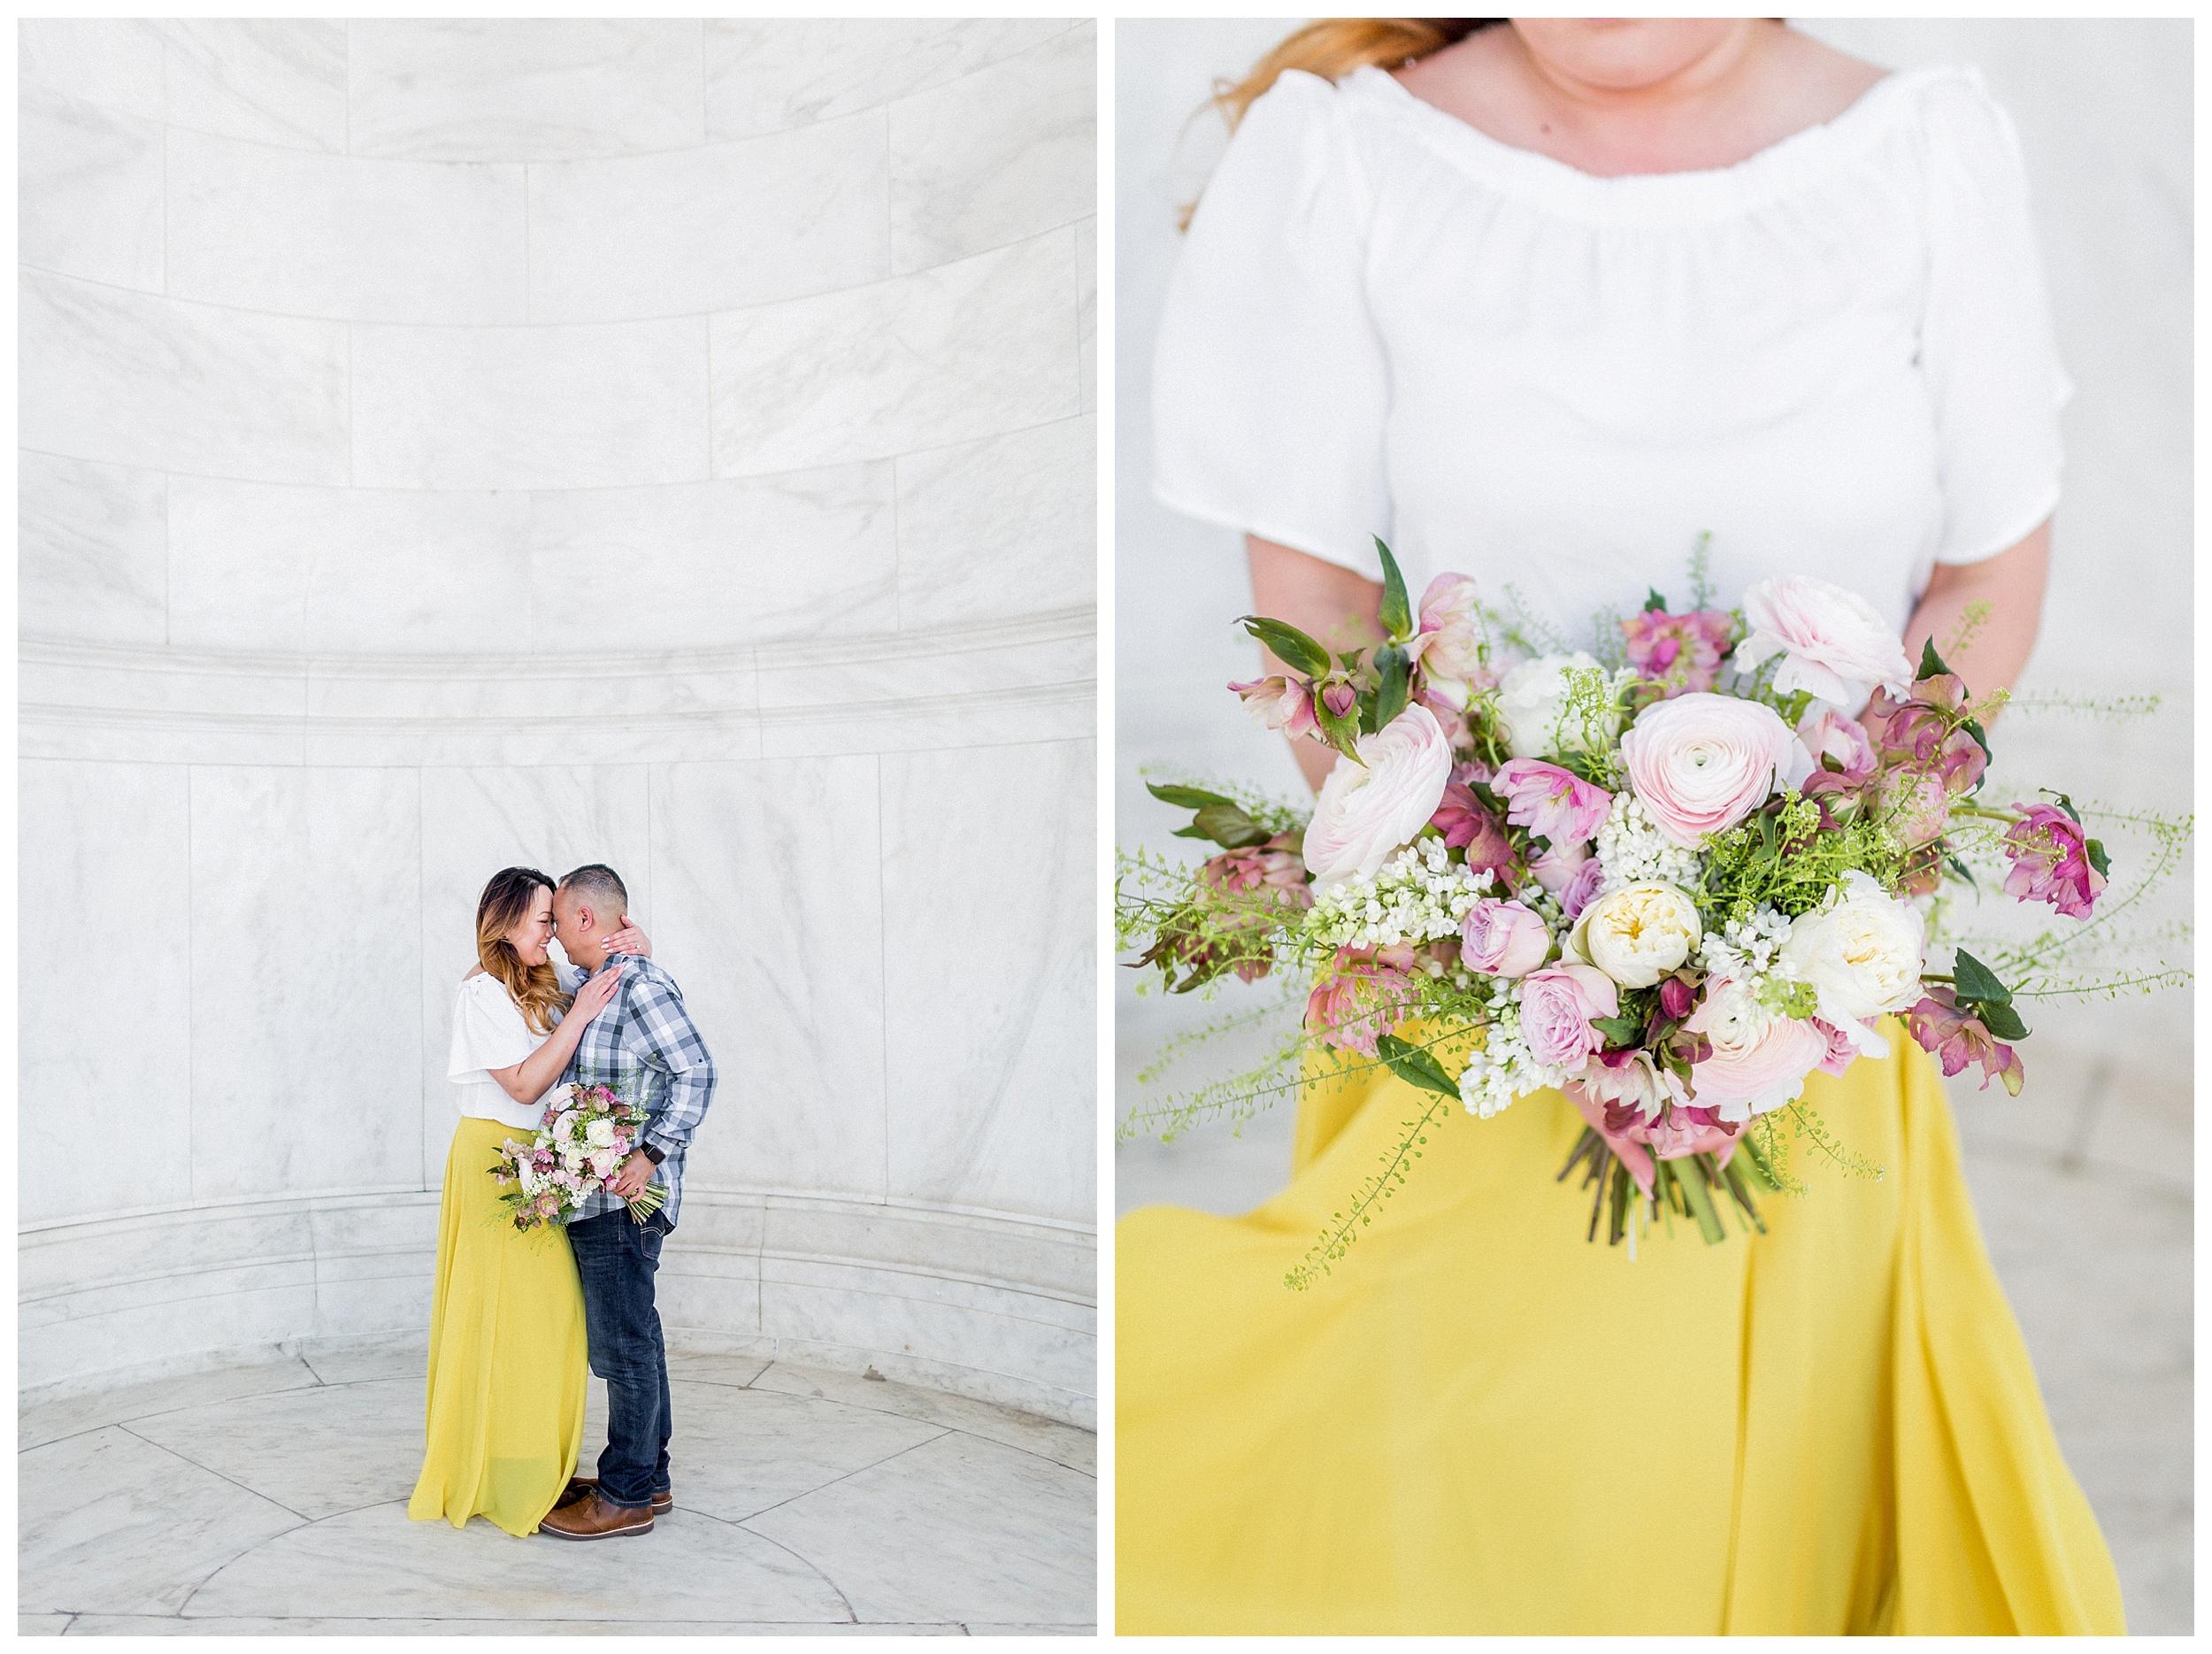 Washington DC Engagement Photos | Thomas Jefferson Engagement Session_0012.jpg